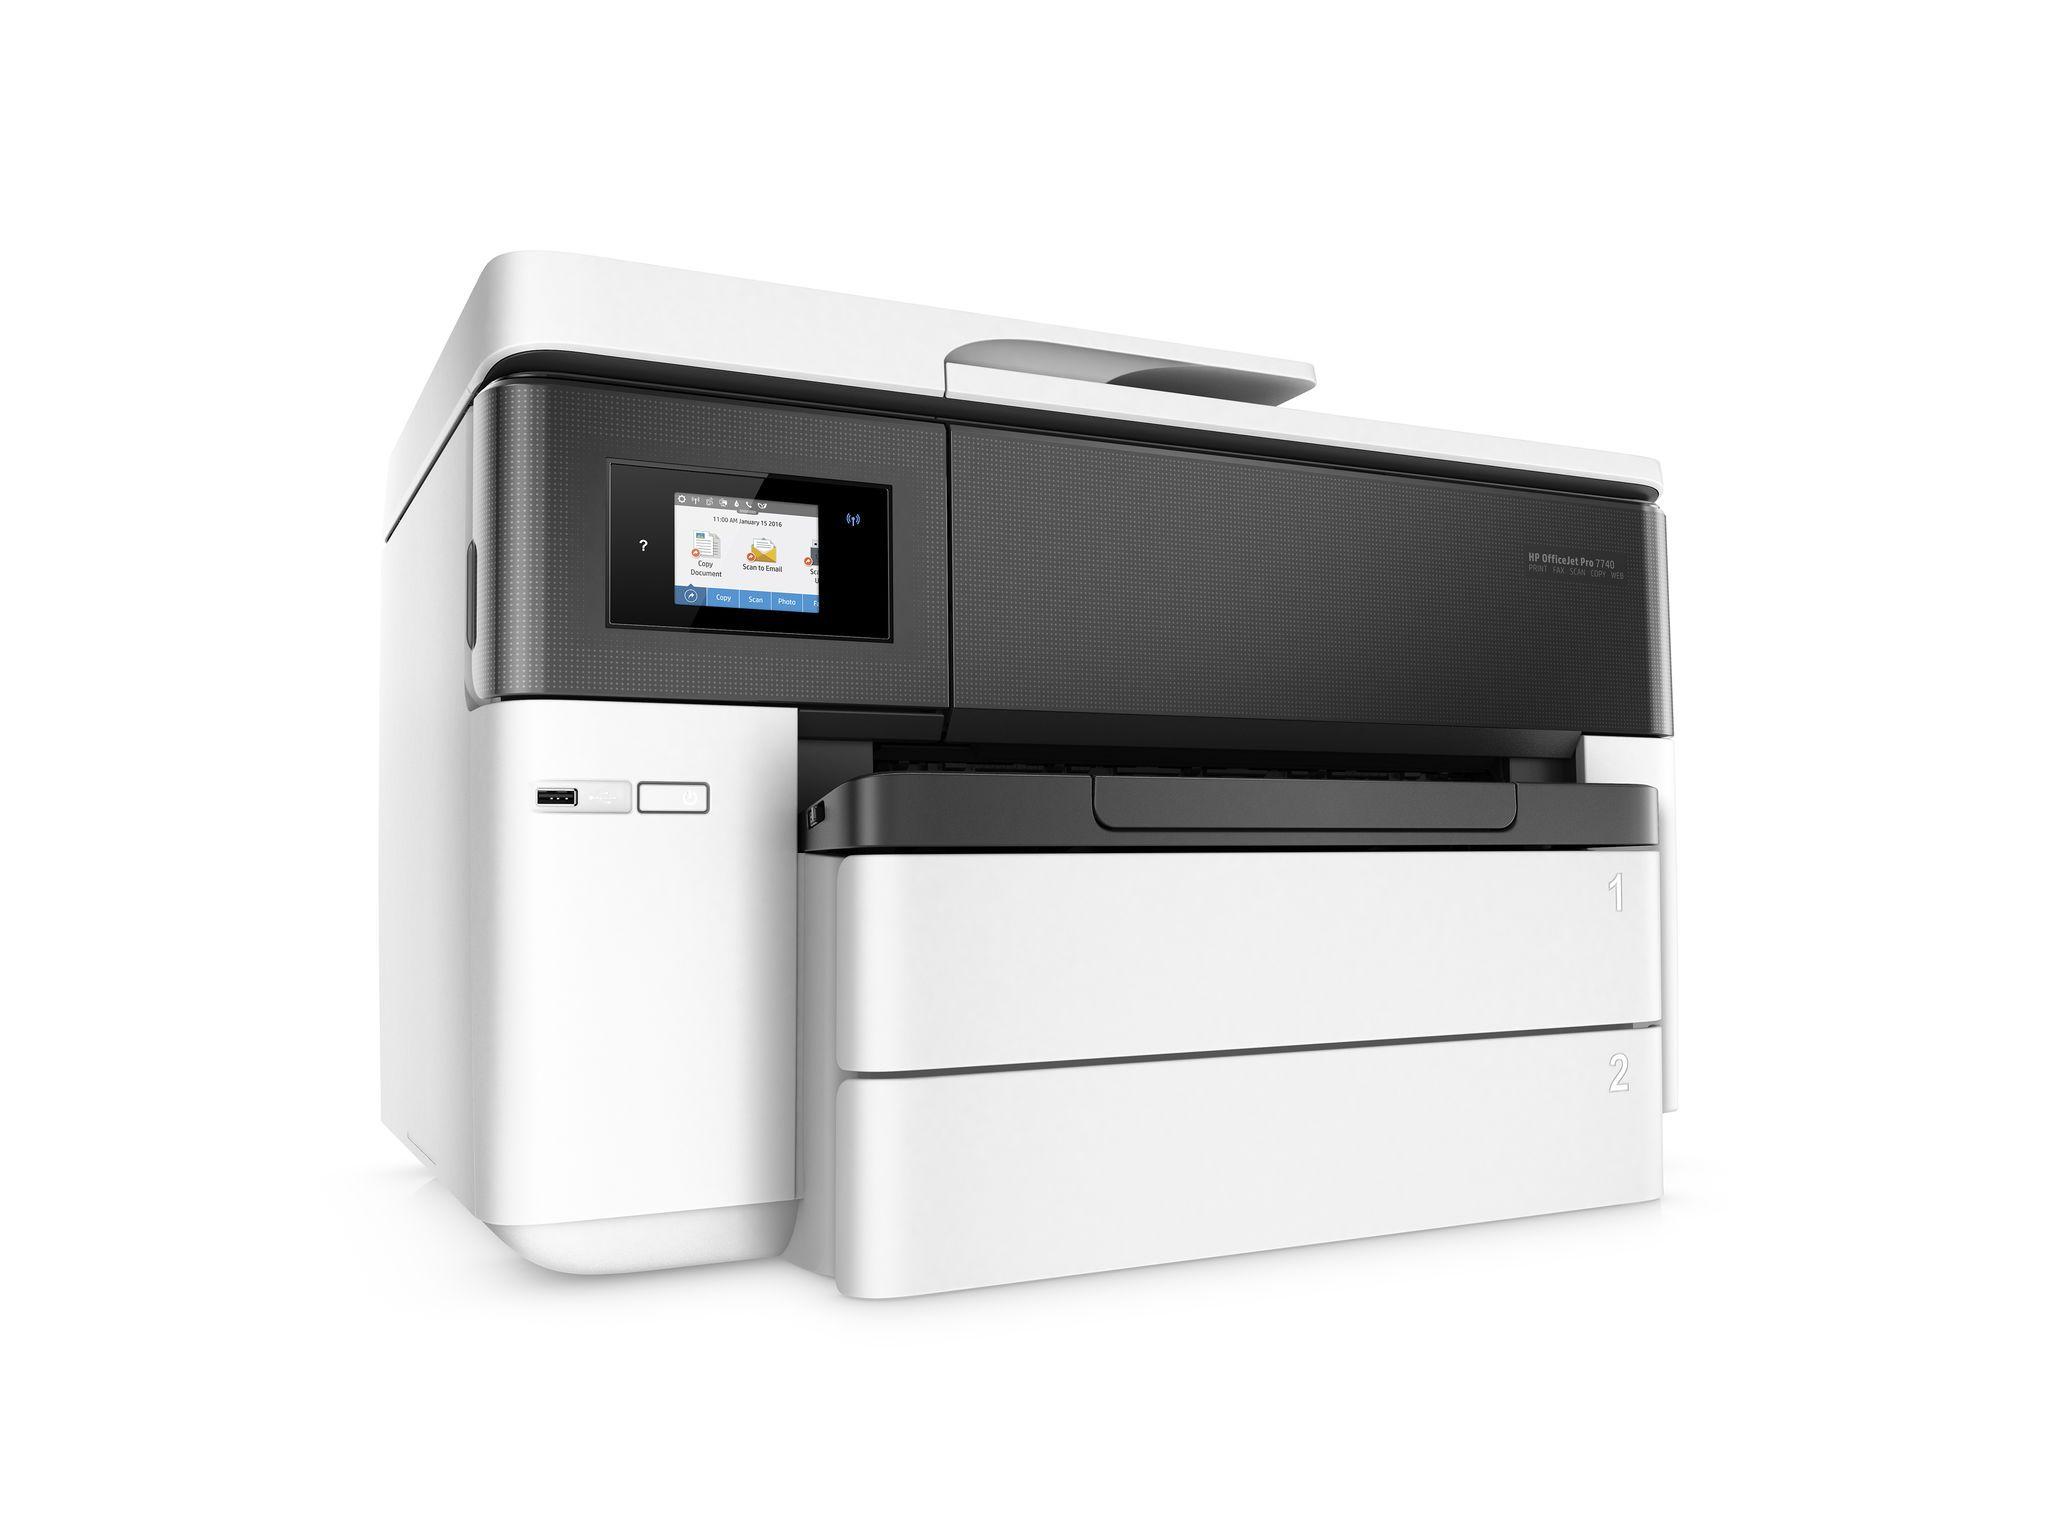 HP OfficeJet Pro 7740 Hp officejet pro, Multifunction